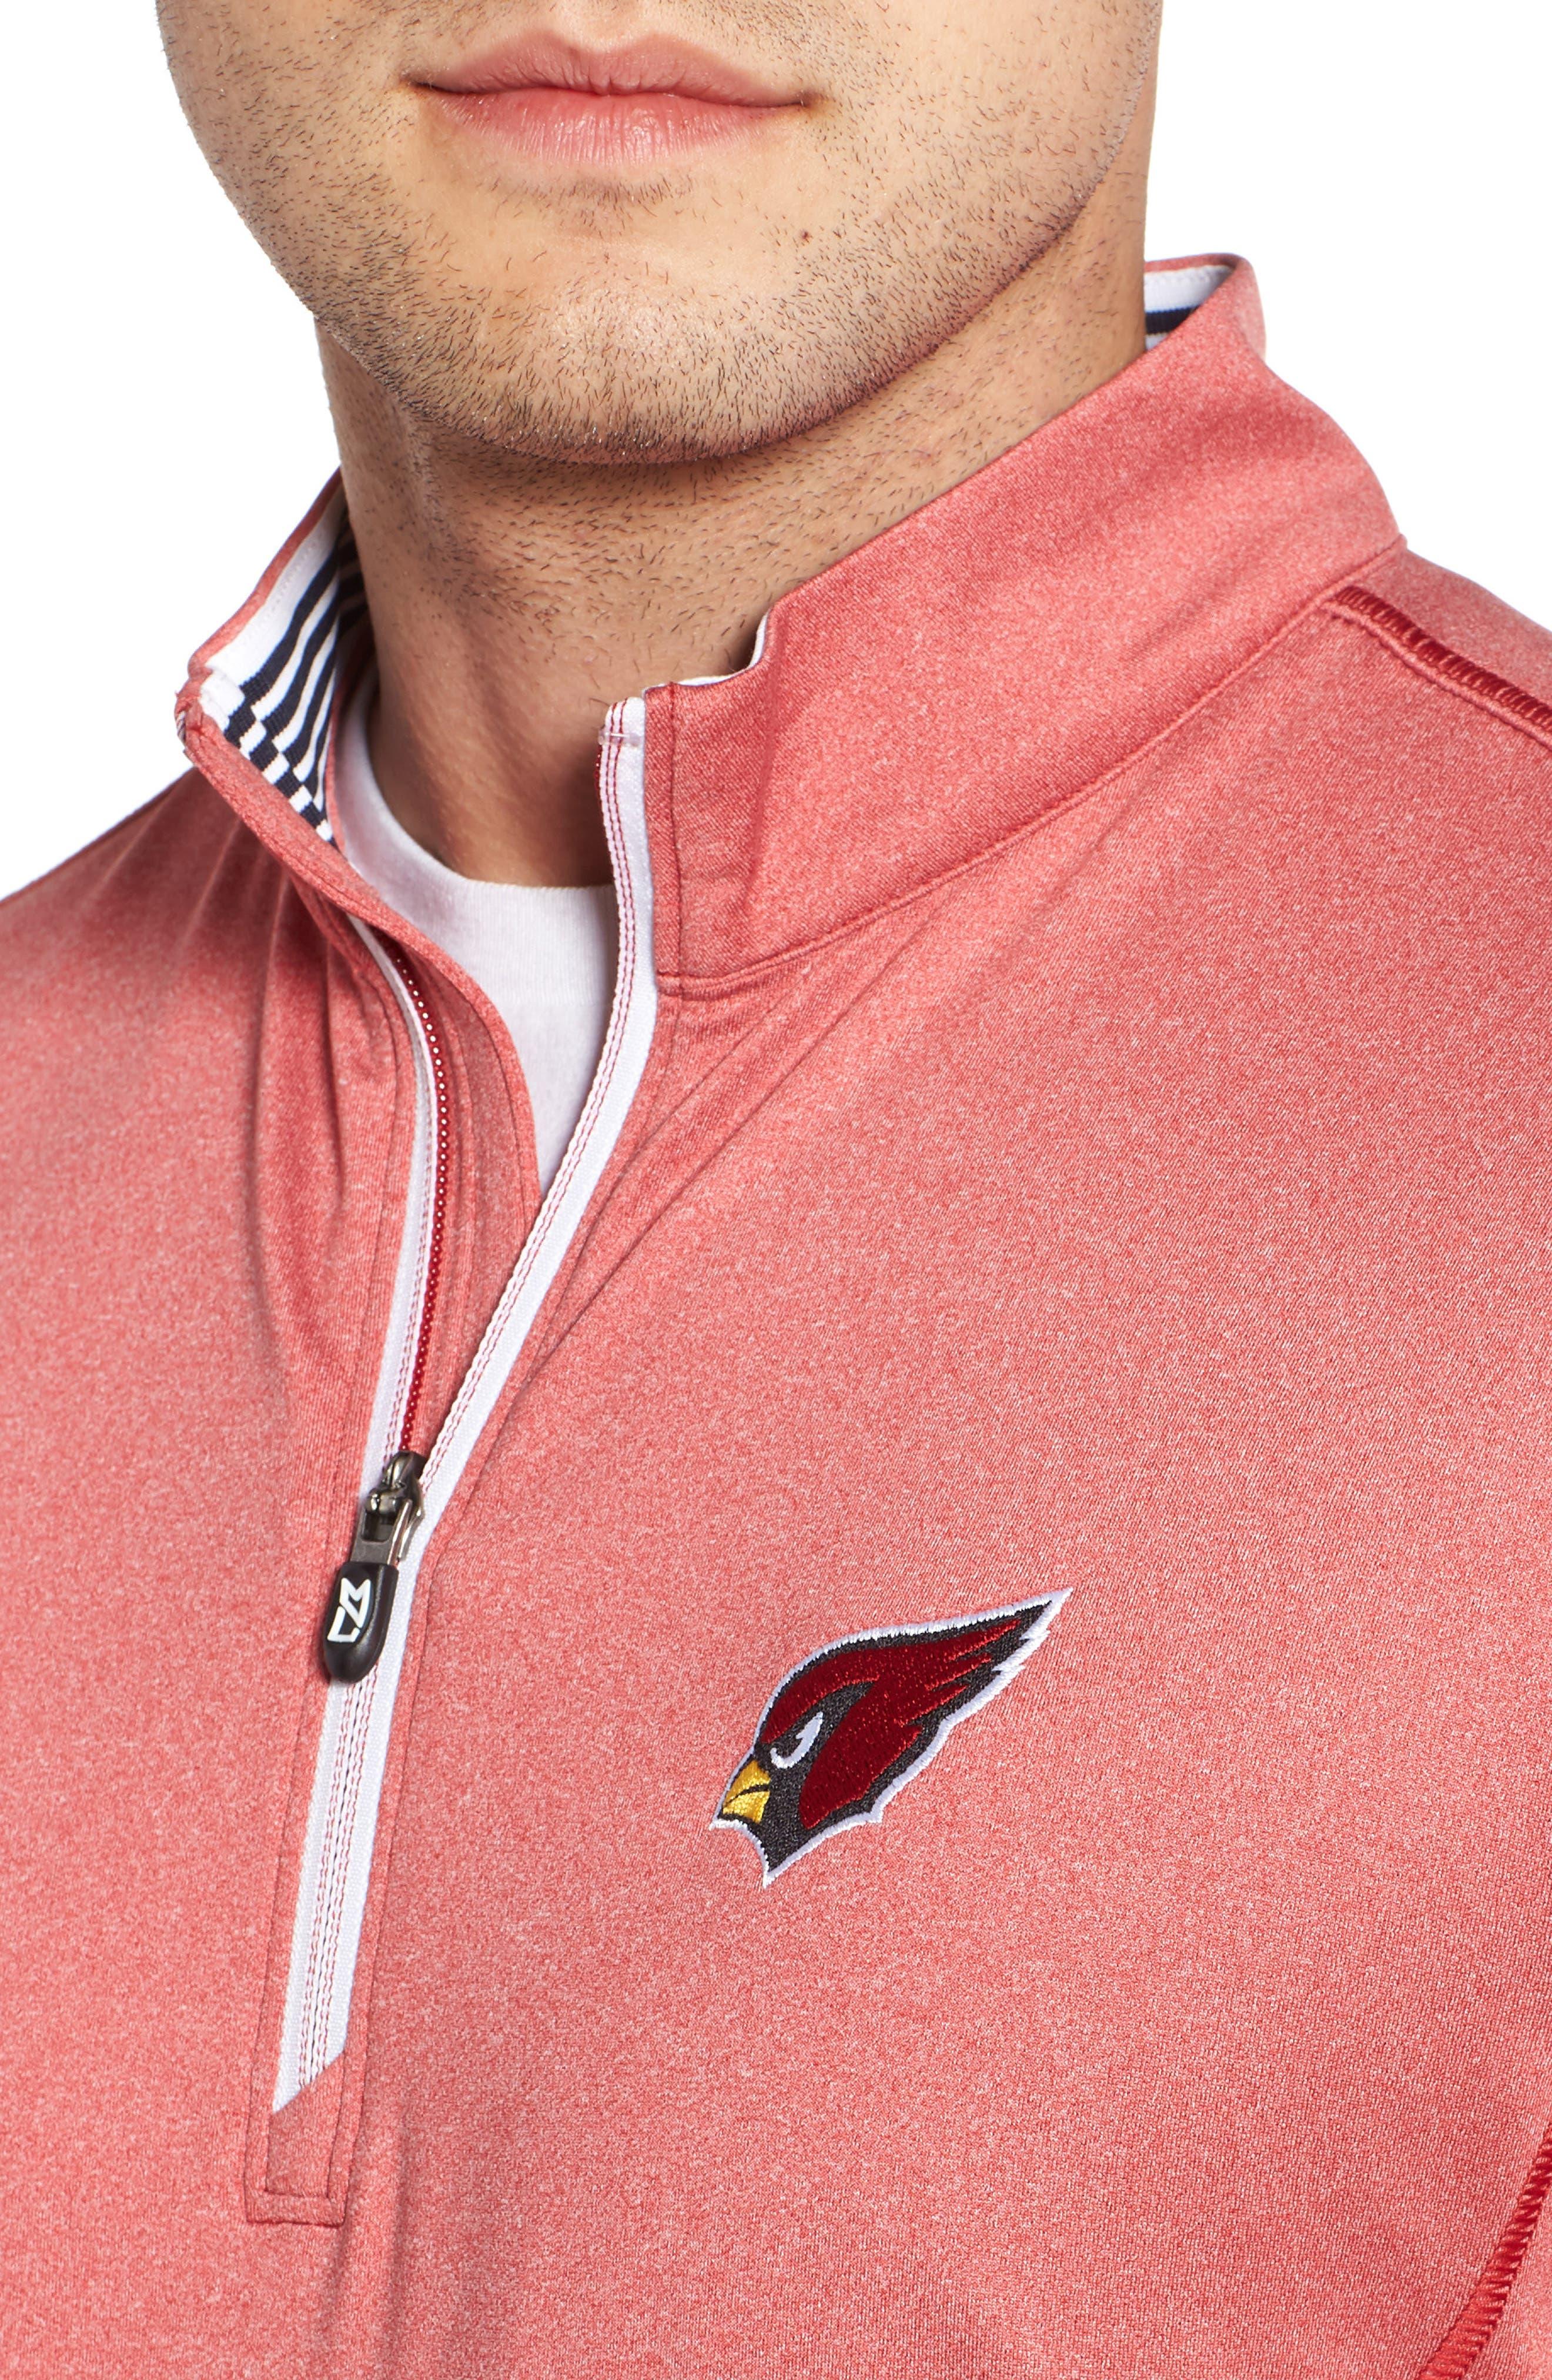 Endurance Arizona Cardinals Regular Fit Pullover,                             Alternate thumbnail 4, color,                             CARDINAL RED HEATHER